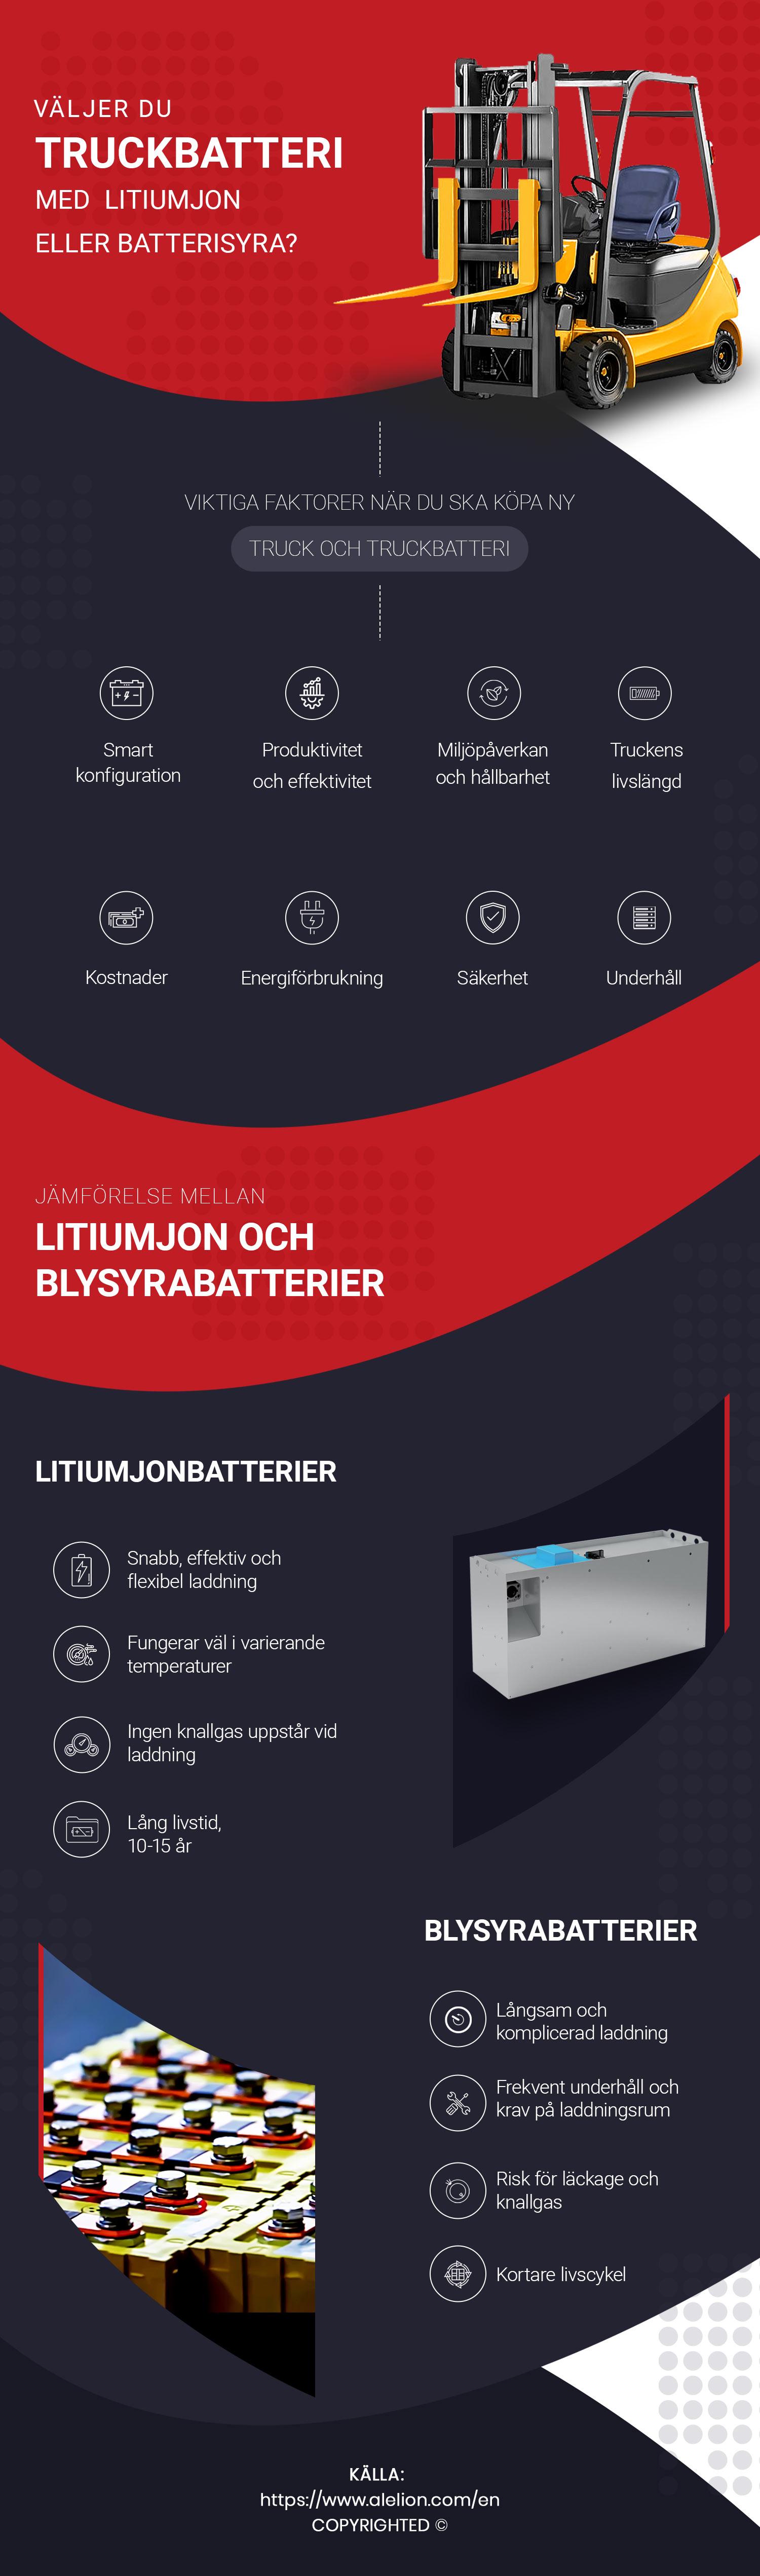 När du ska köpa ny truck: blysyra vs. litumjonbatteri | Inforgraphical